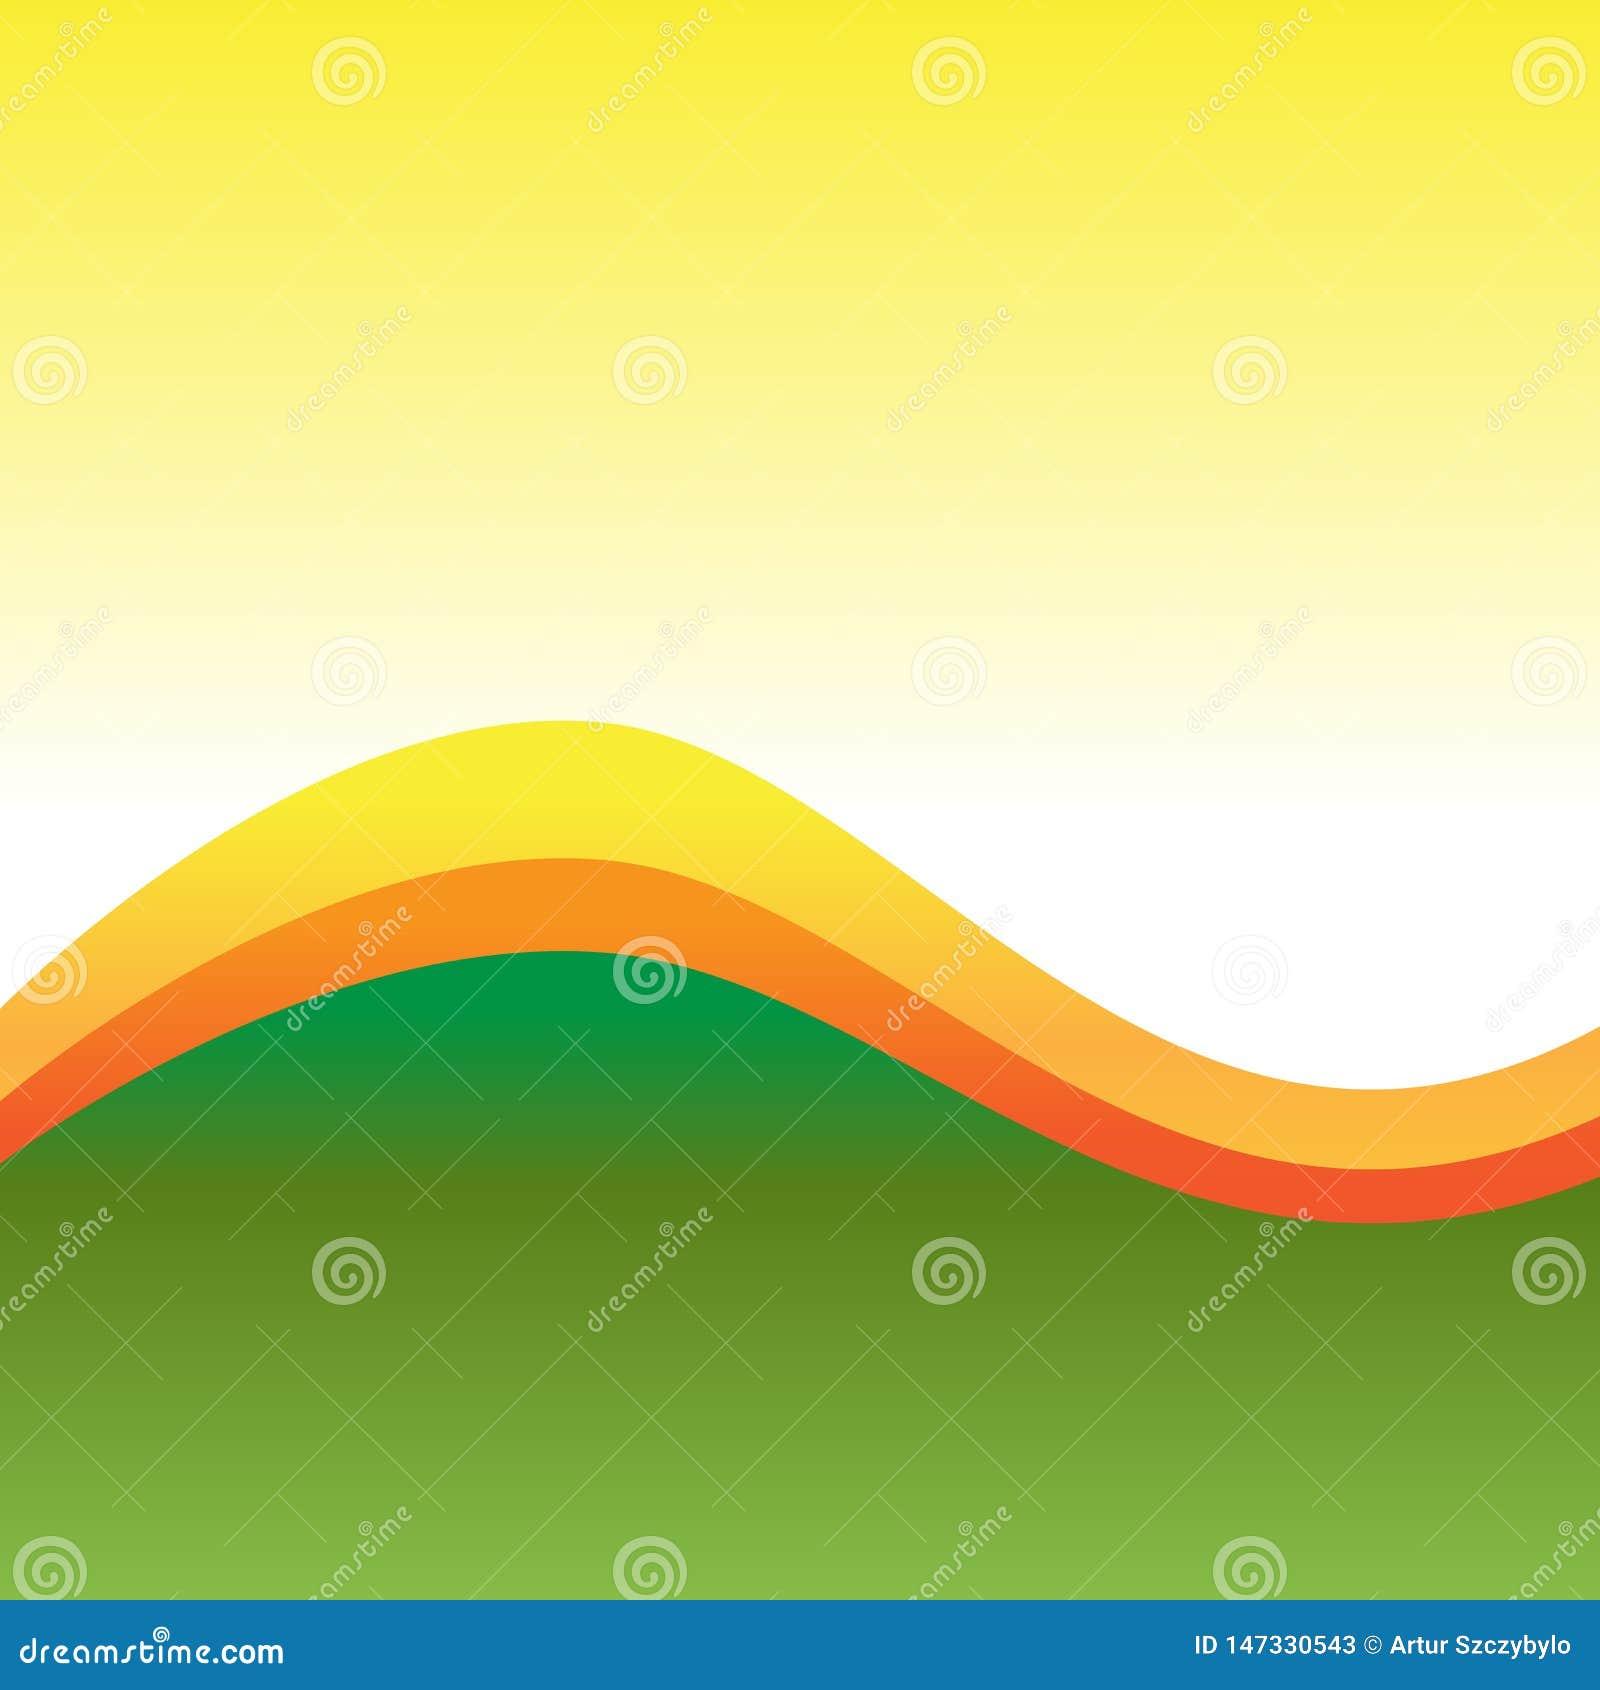 Υπόβαθρο τριών τόνου που διαιρείται με δύο γραμμές Curvy διαφορετικών χρωμάτων Πολύχρωμο κυματιστό αφηρημένο σχέδιο Ιδέα σκηνικού